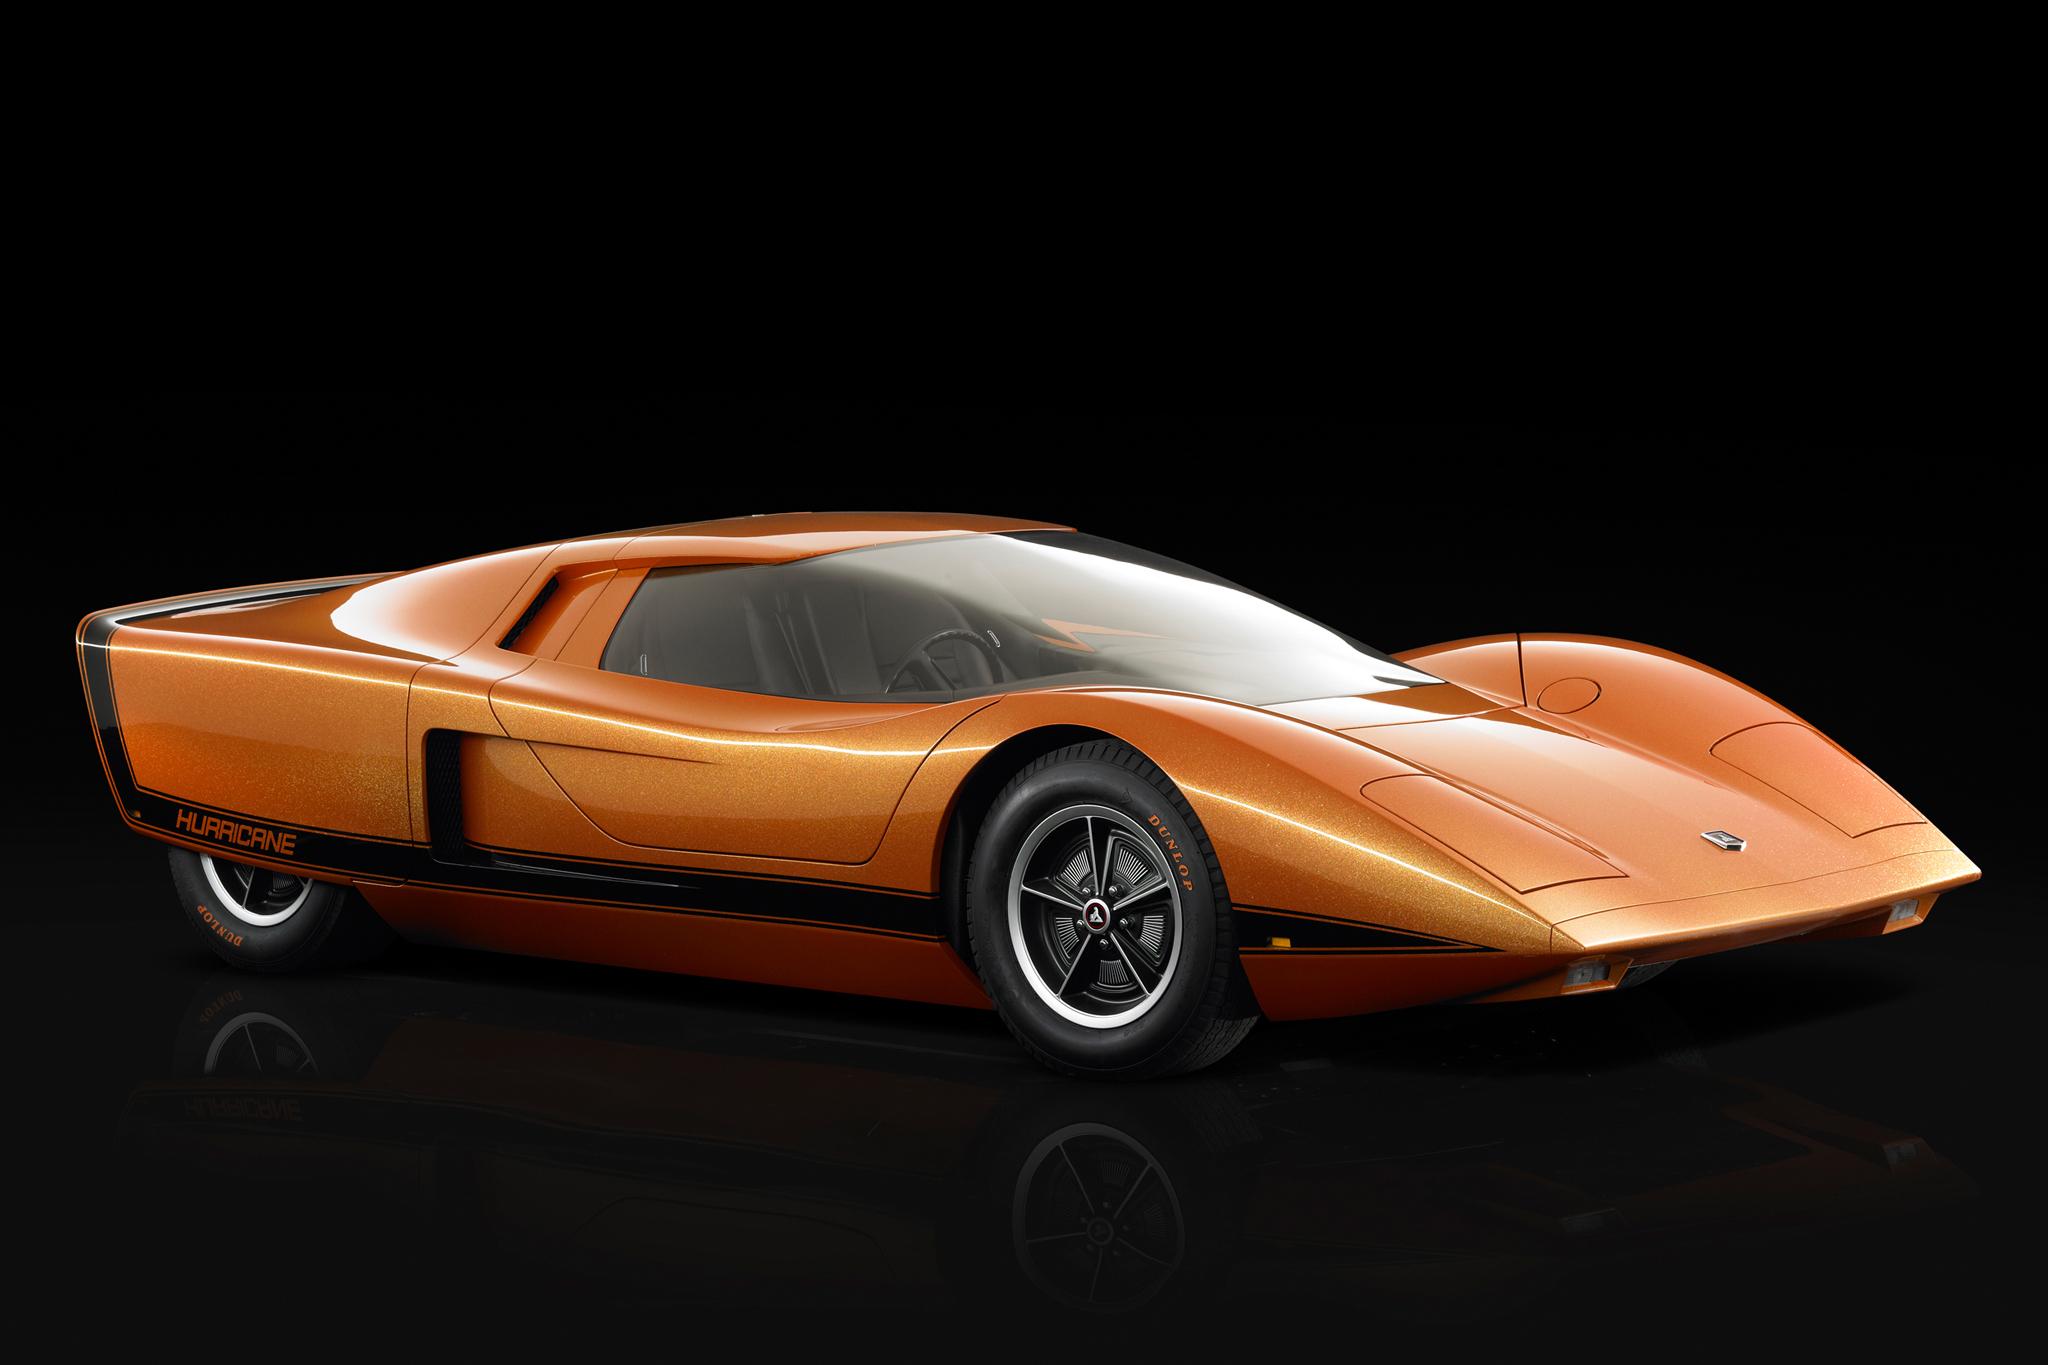 holden_hurricane_concept_car_15